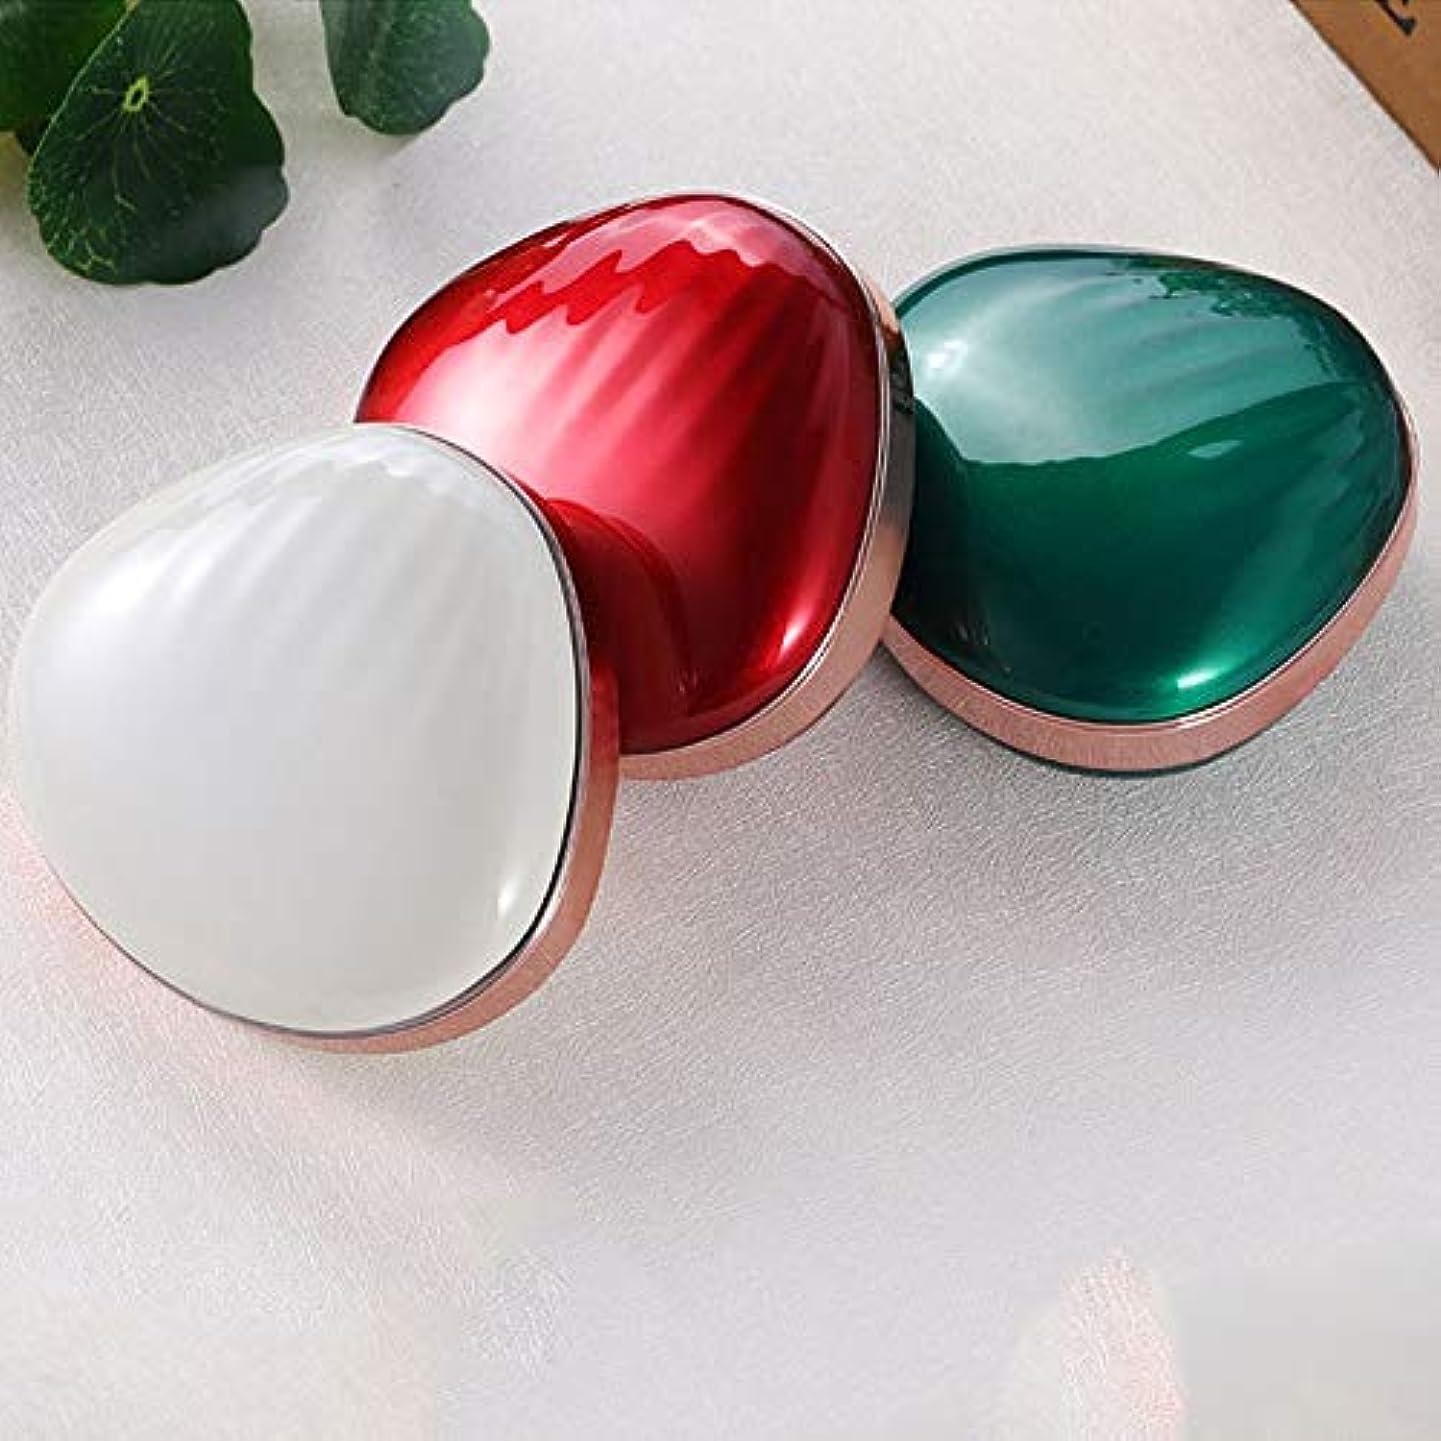 パーセント肉限りなく流行の 新しいクリエイティブLEDソフトアイメイクミラー多機能塗りつぶし充電宝メイクアップミラー美容ミラーABSアルミ3レッドブルーホワイト (色 : Green)